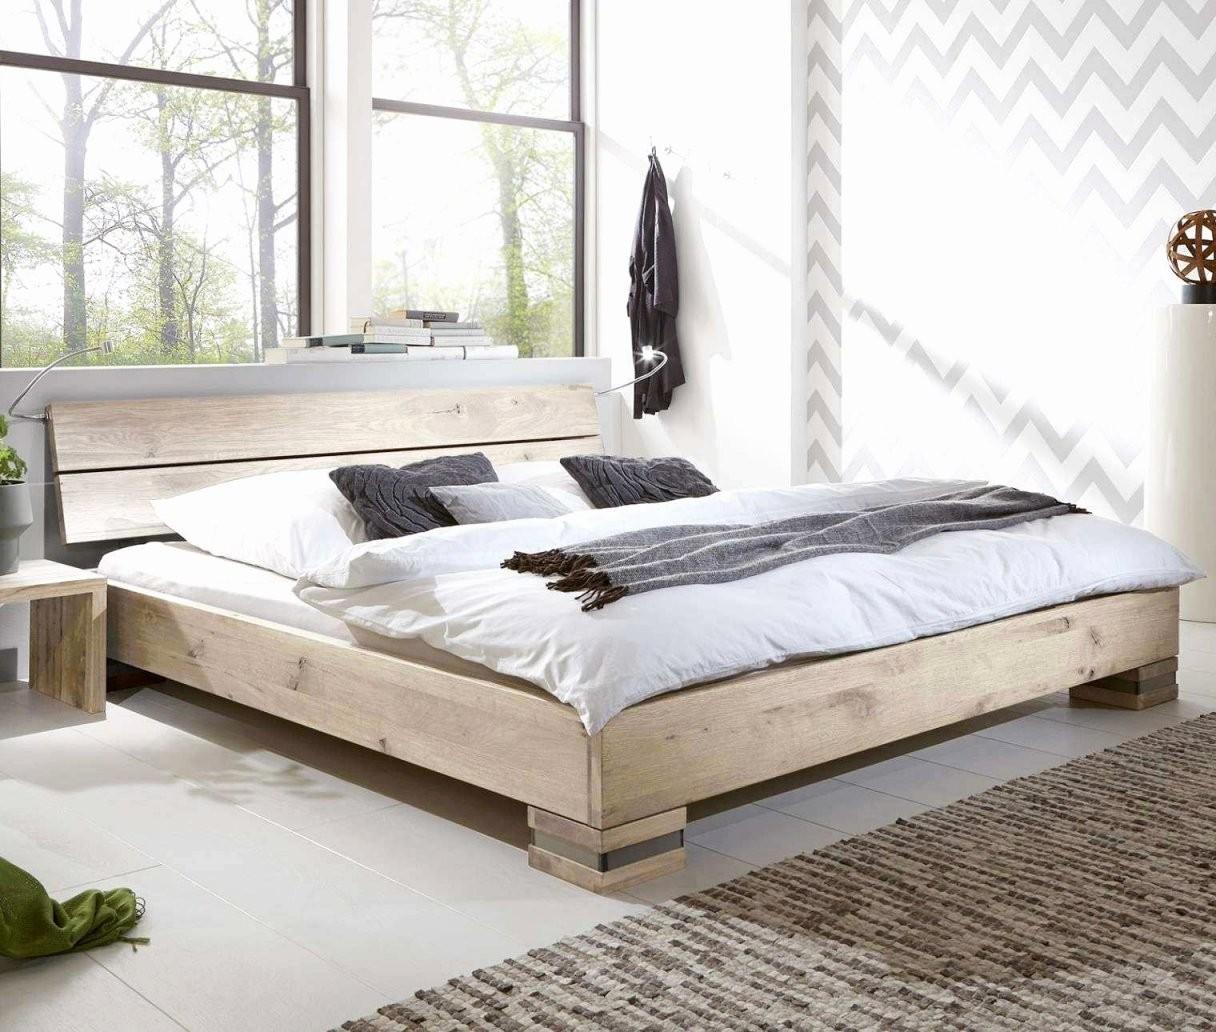 Ausziehbett Selber Bauen Das Beste Von Holzbett Selber Bauen Frisch von Prinzessin Bett Selber Bauen Photo